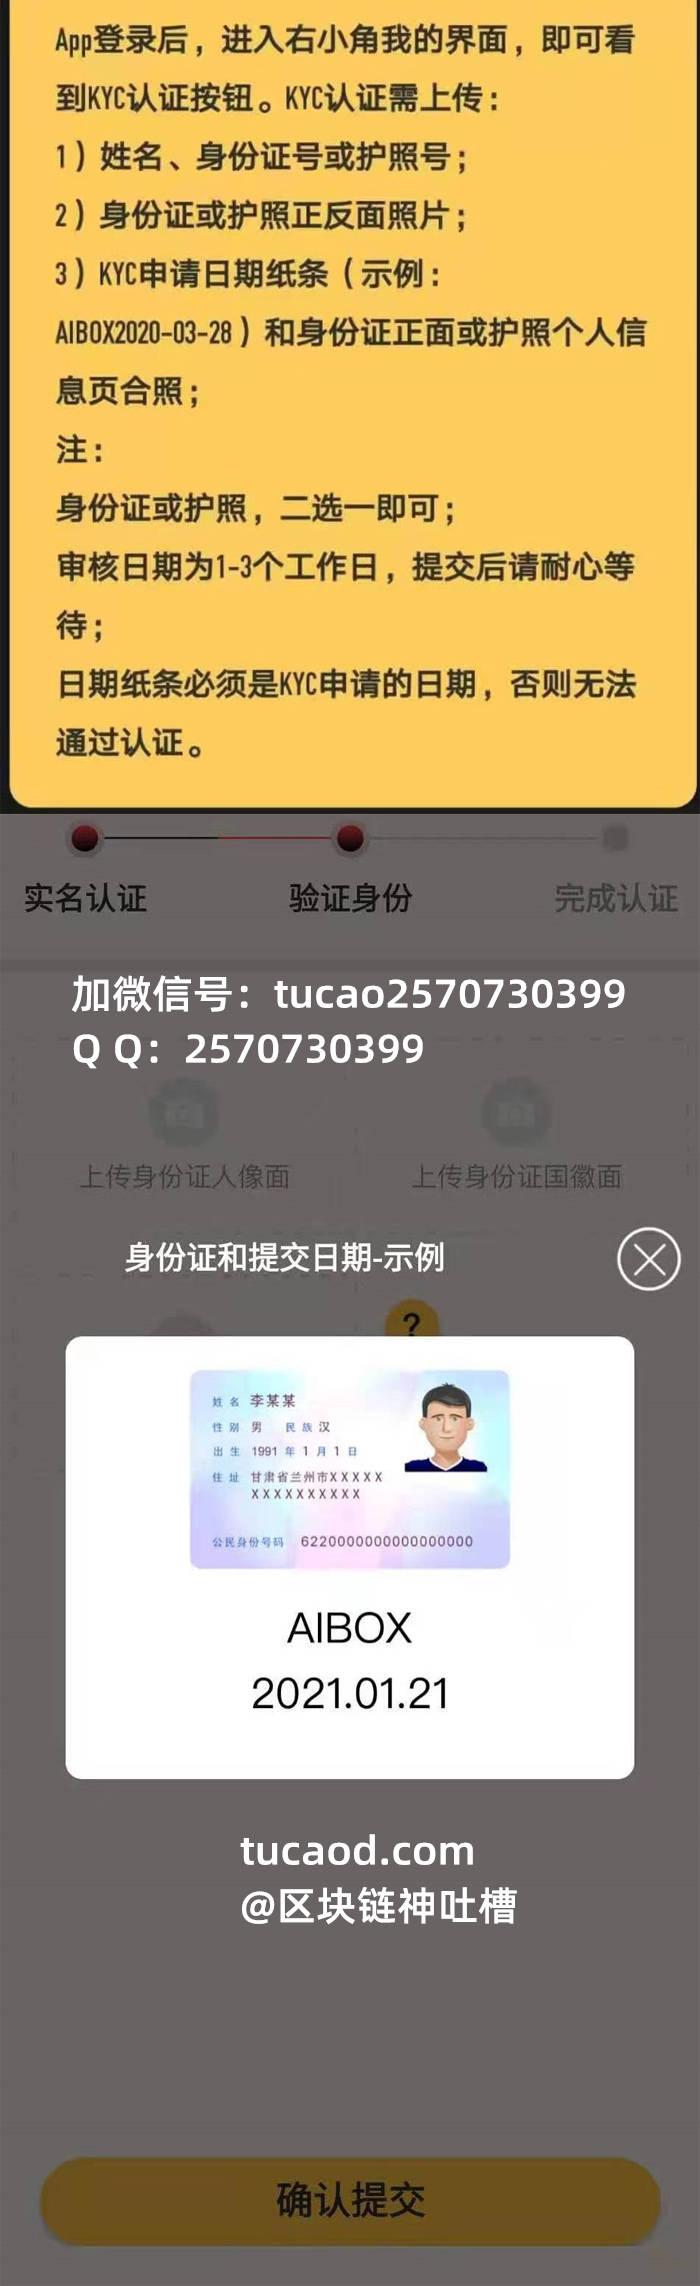 aibox实名认证KYC教程